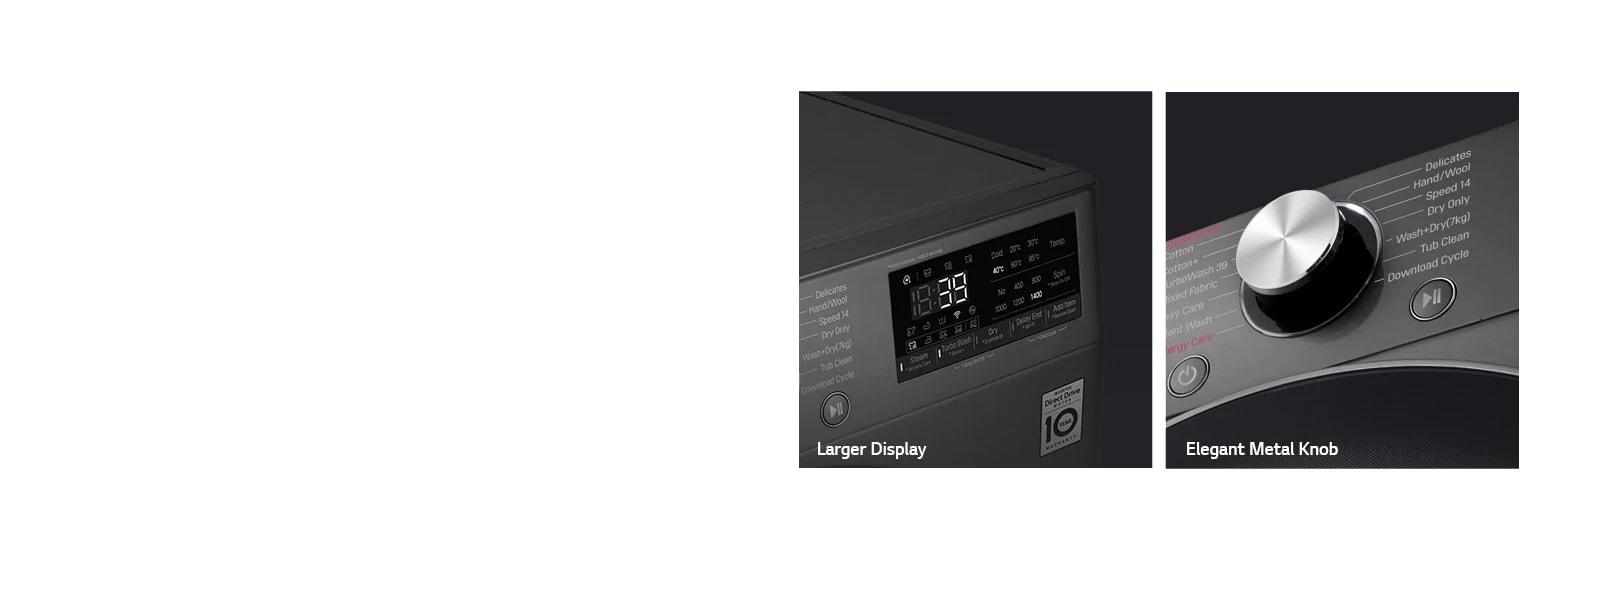 LG FHV1409ZWB Design